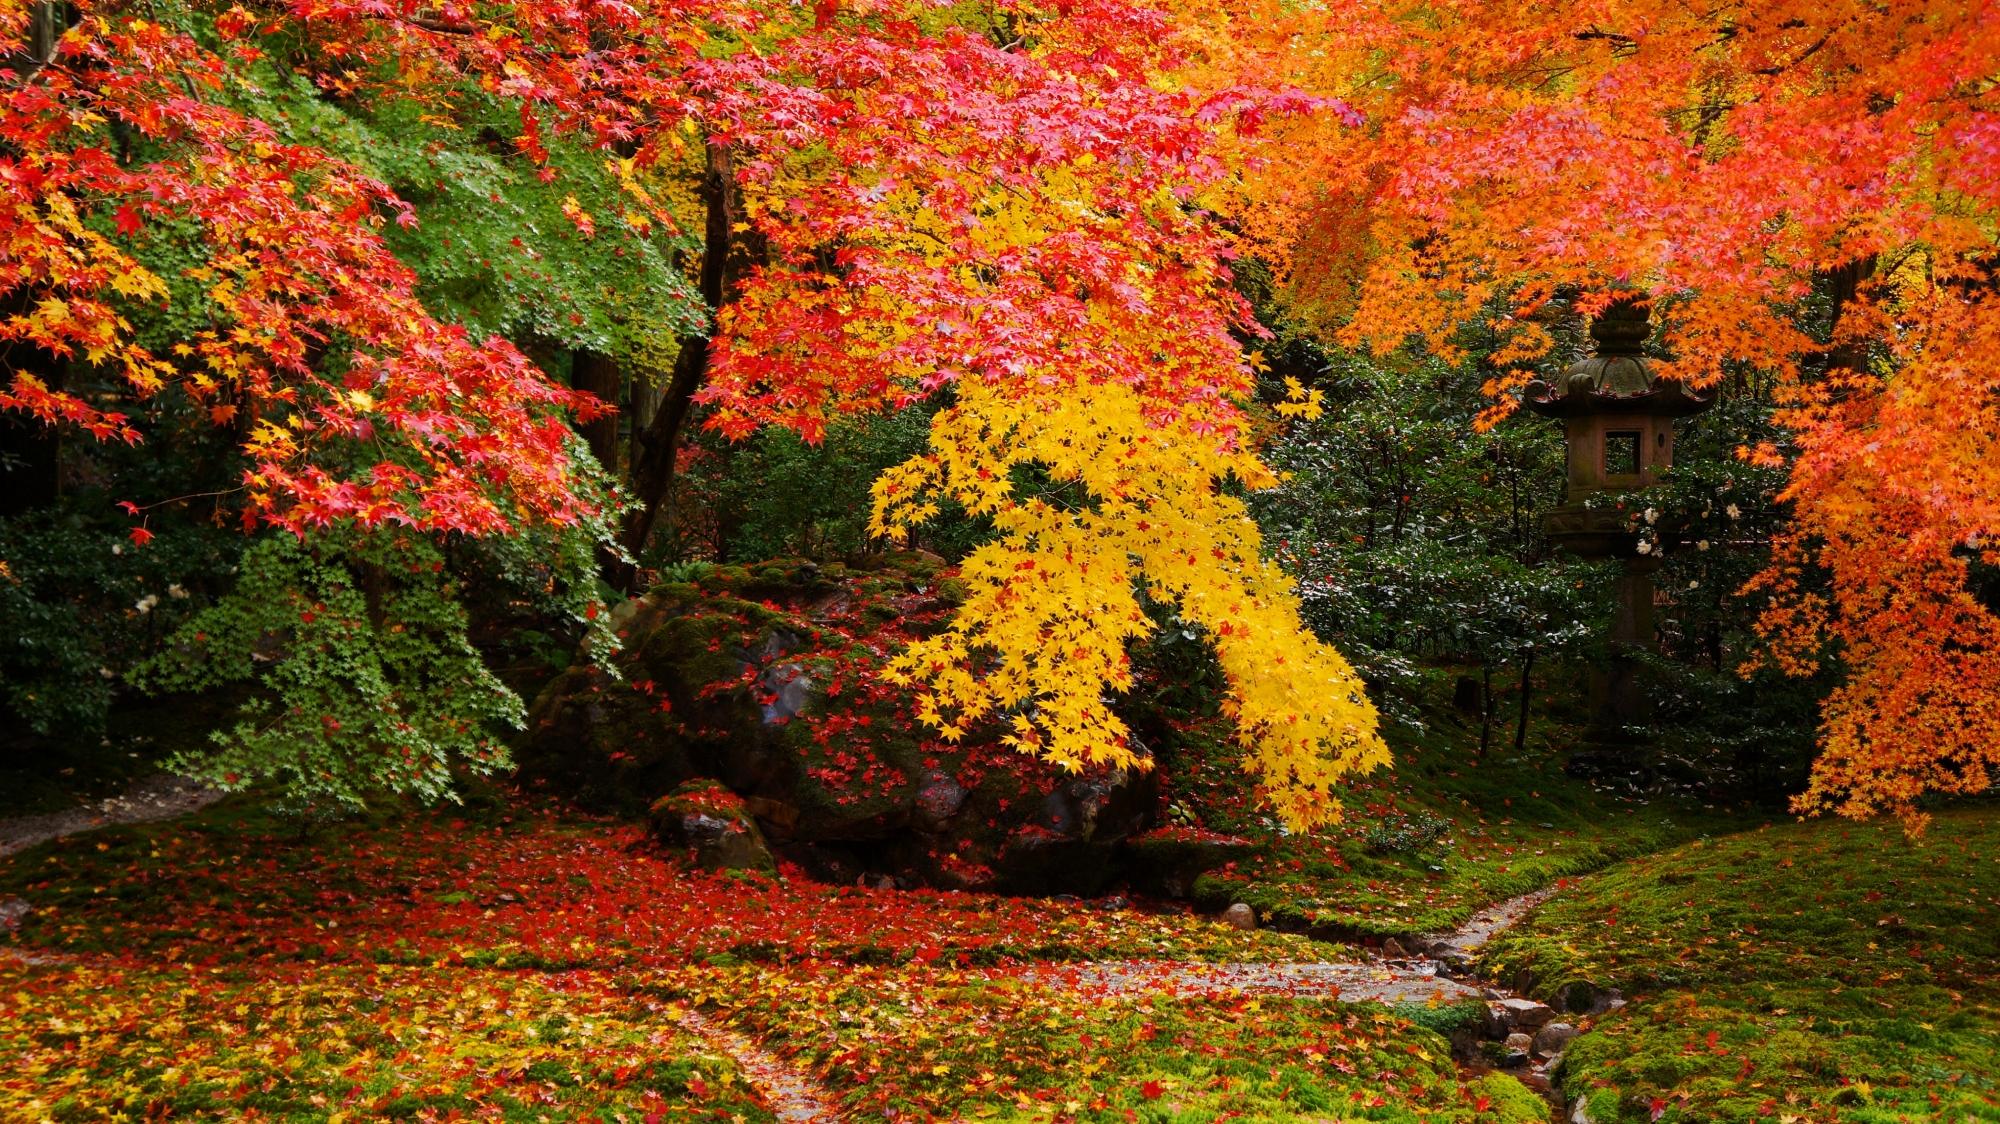 瑠璃の庭の赤や黄やオレンジなどの色とりどりの紅葉